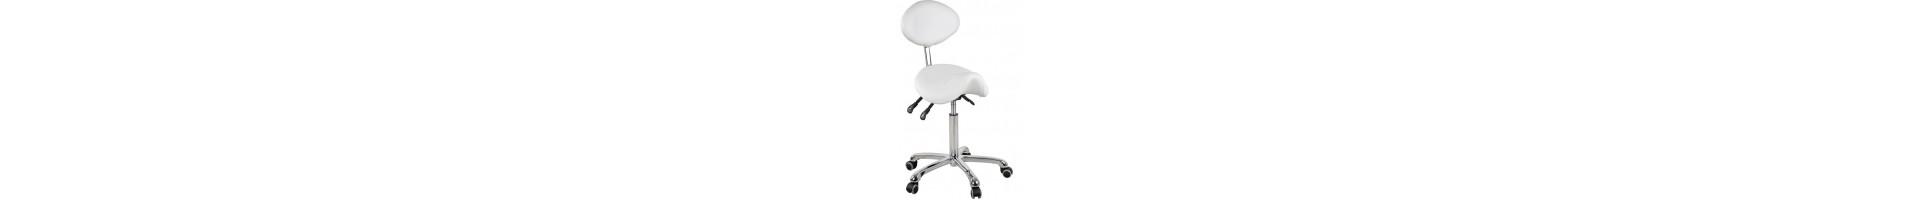 Tienda de Taburetes silla para Estética Peluquería o Fisioterapia Hidráulico o con Gas